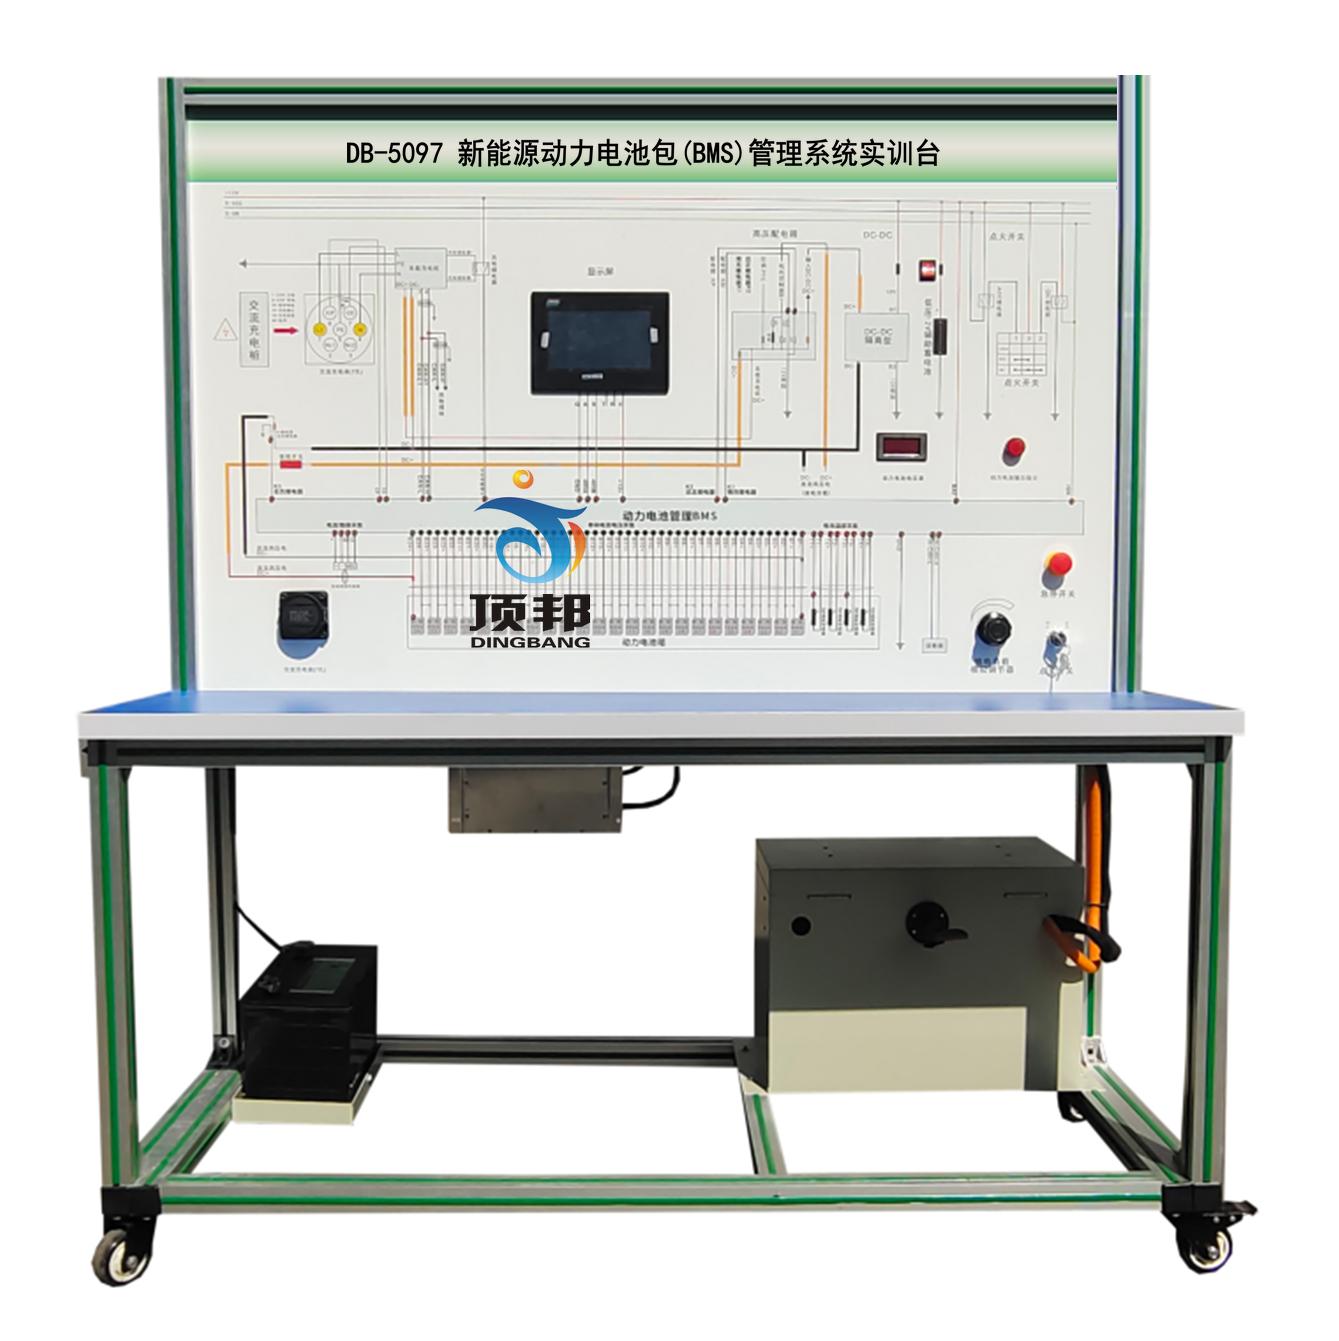 新能源动力电池包(BMS)管理系统实训台